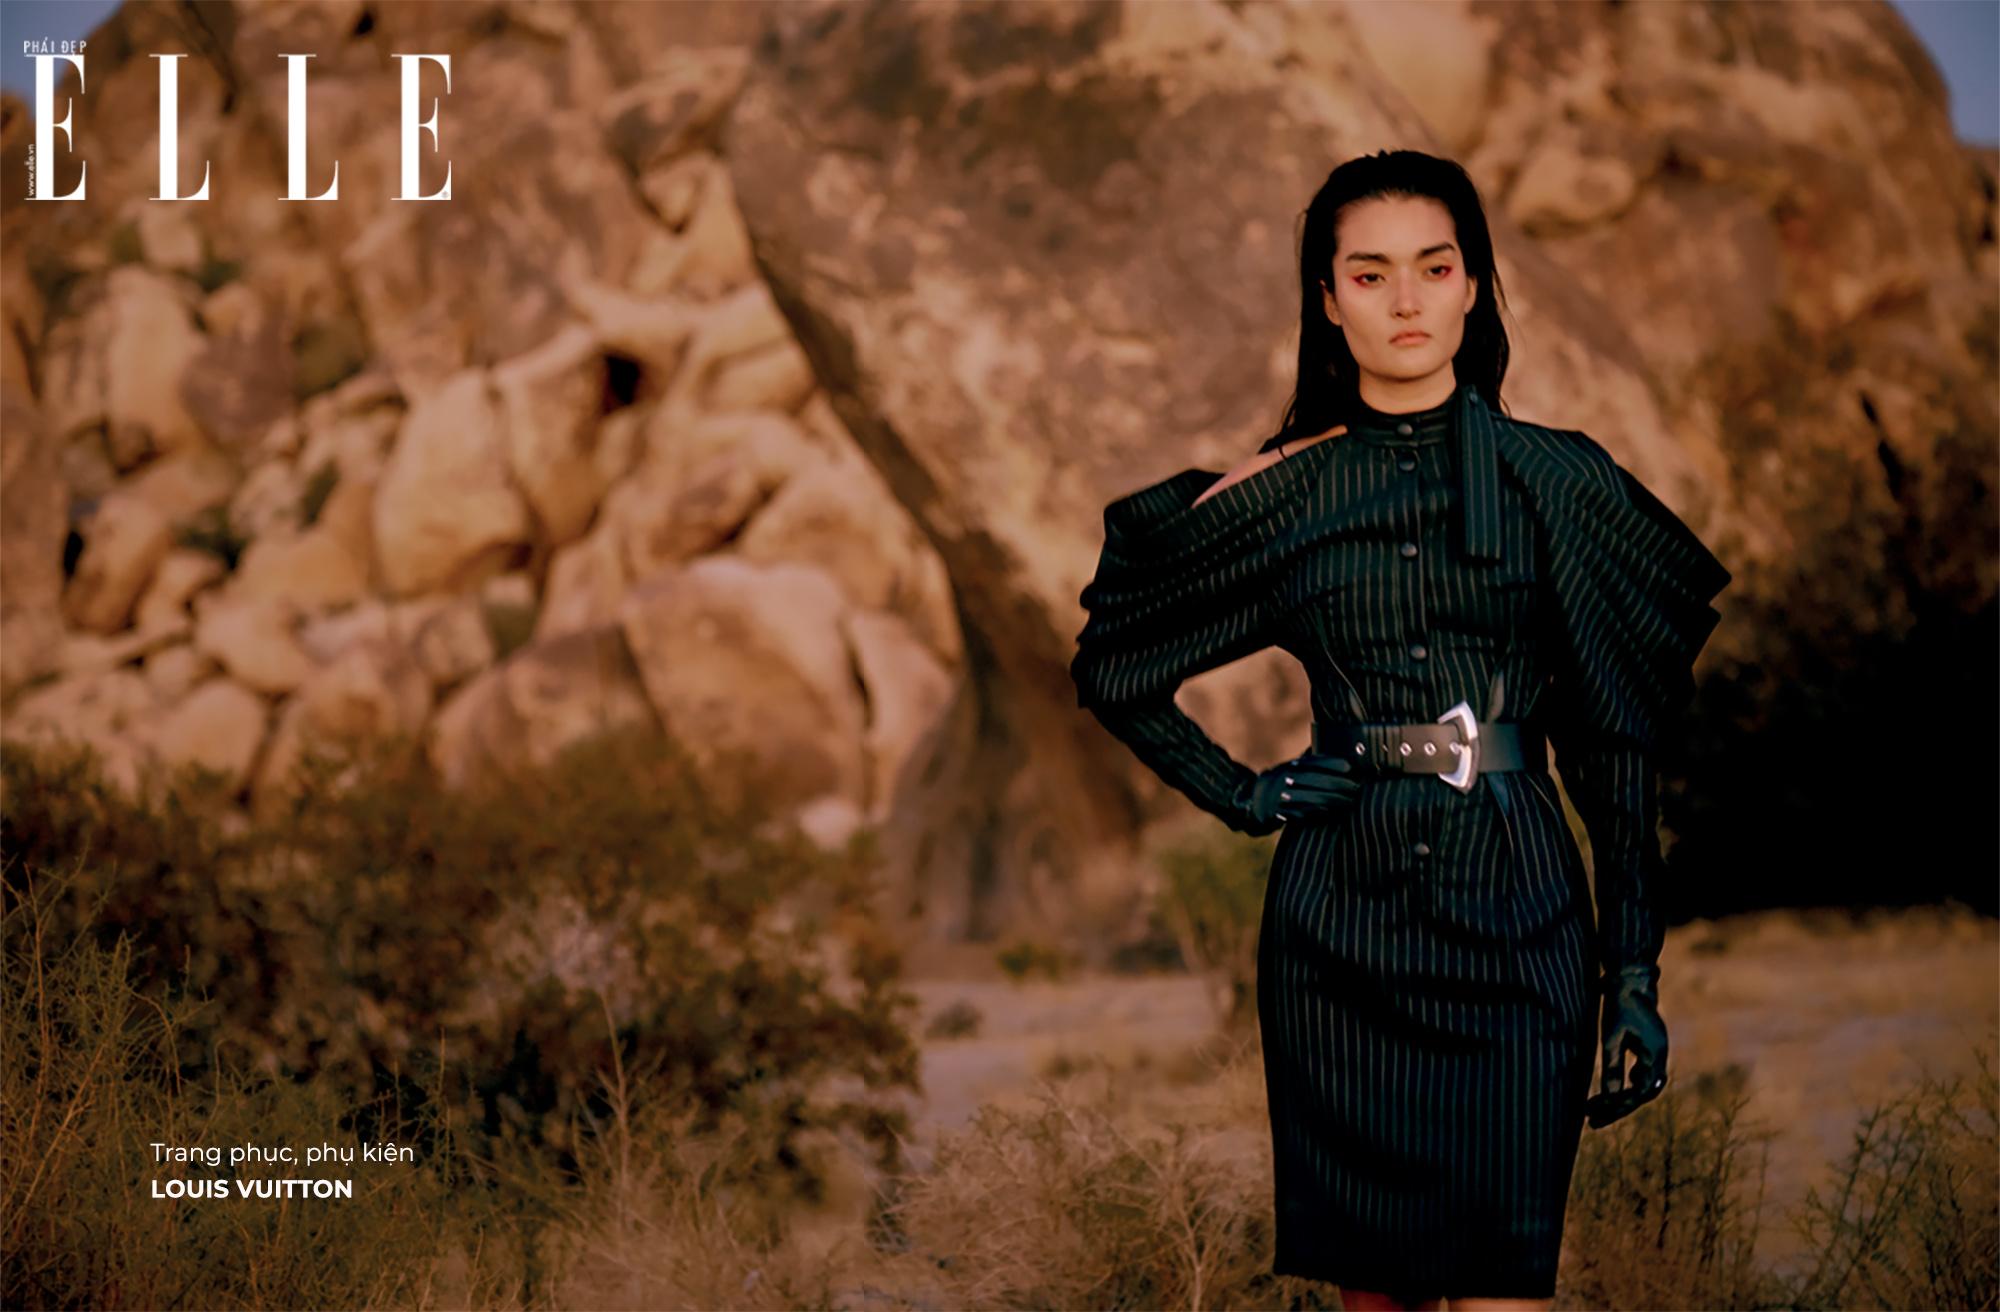 bộ ảnh trang phục phụ kiện Louis Vuitton